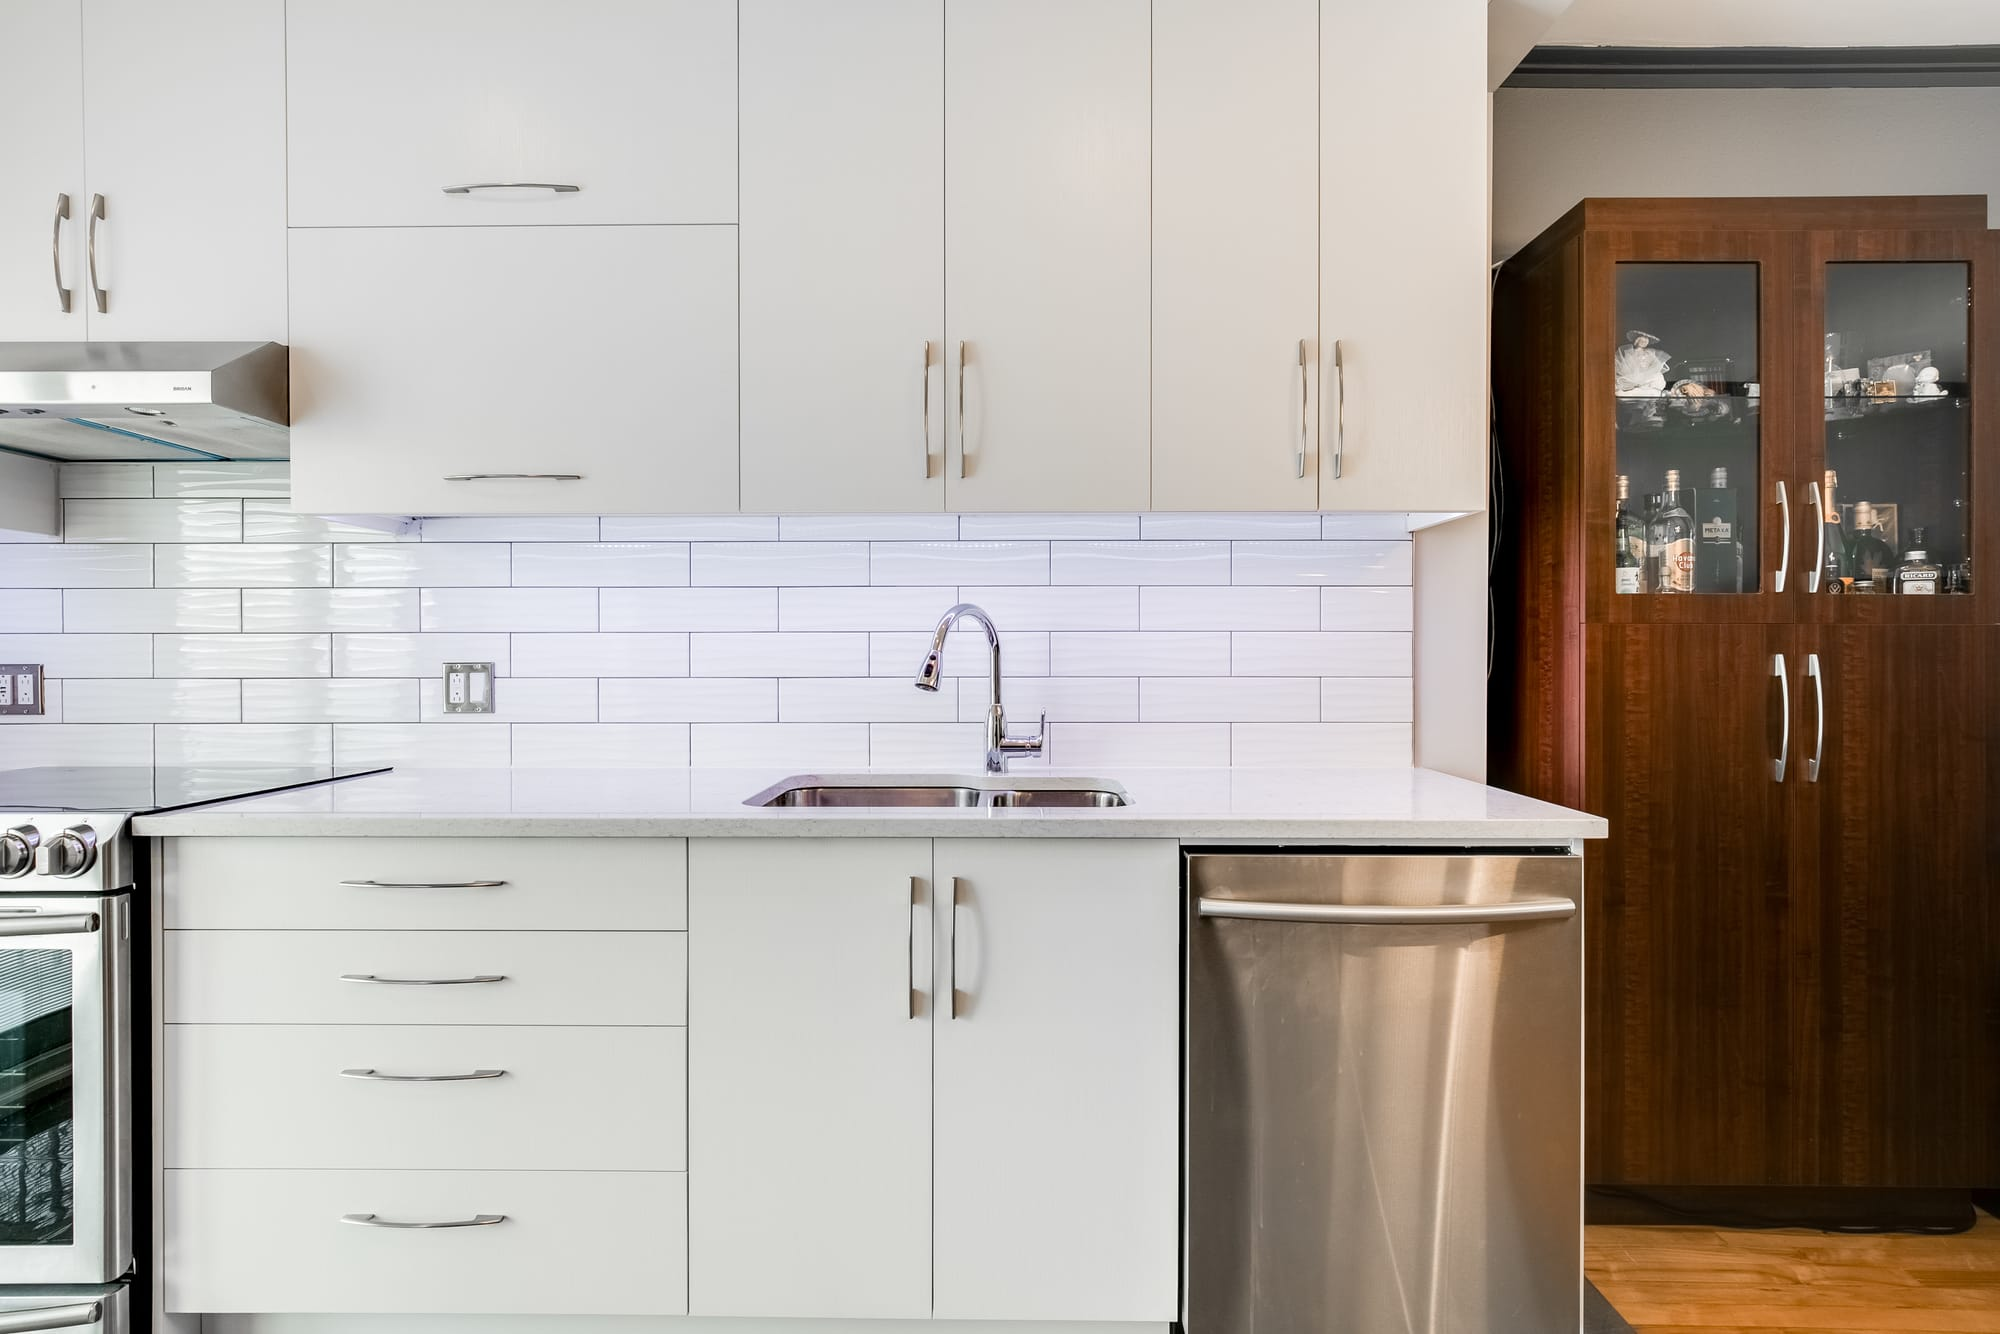 cuisine rénovée avec armoires blanches et brunes